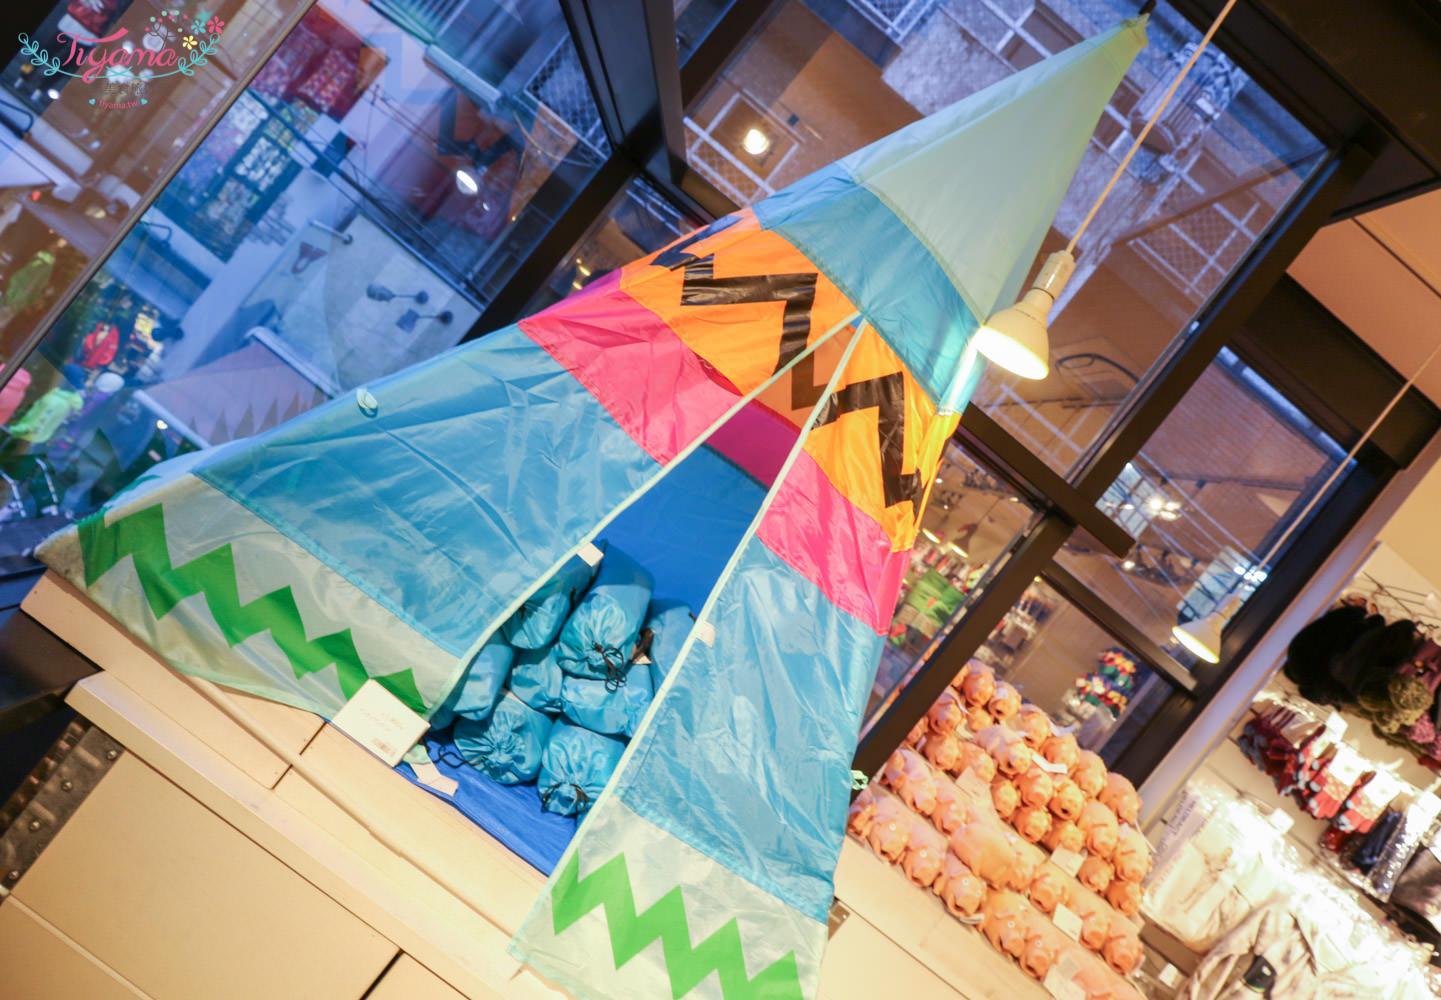 大阪心齋橋美國村|Flying Tiger Copenhagen 「丹麥時尚雜貨」 @緹雅瑪 美食旅遊趣